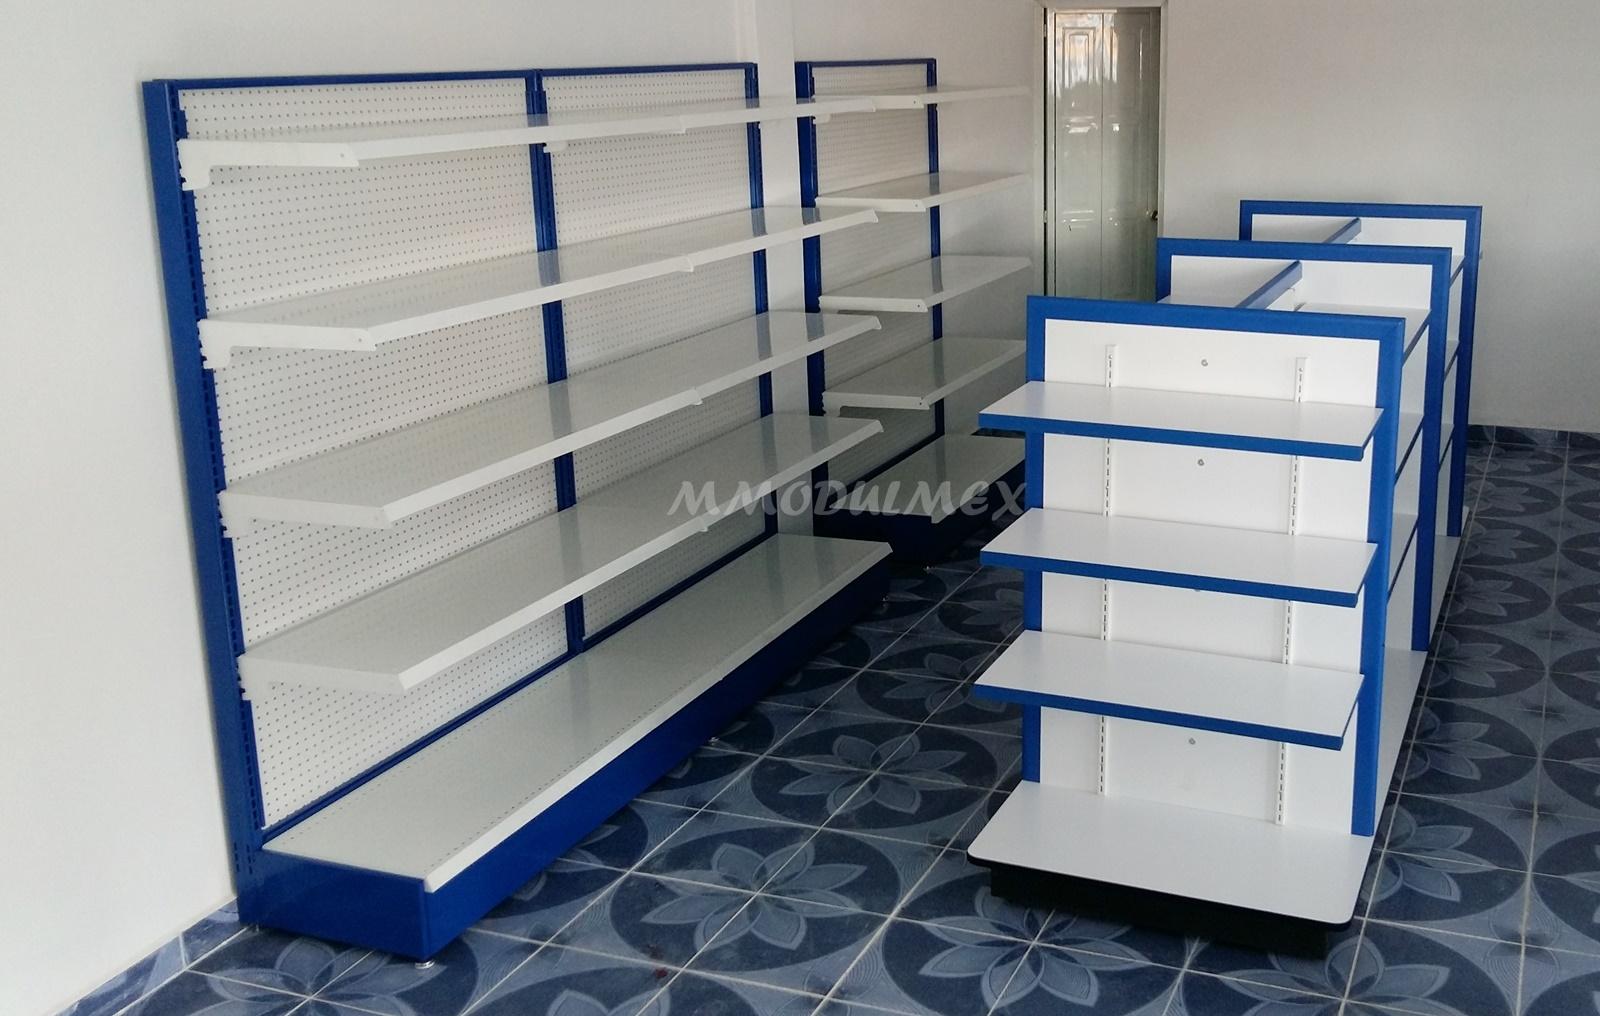 Estantes estanteria anaqueles repisas entrepa os - Como hacer estantes de madera ...